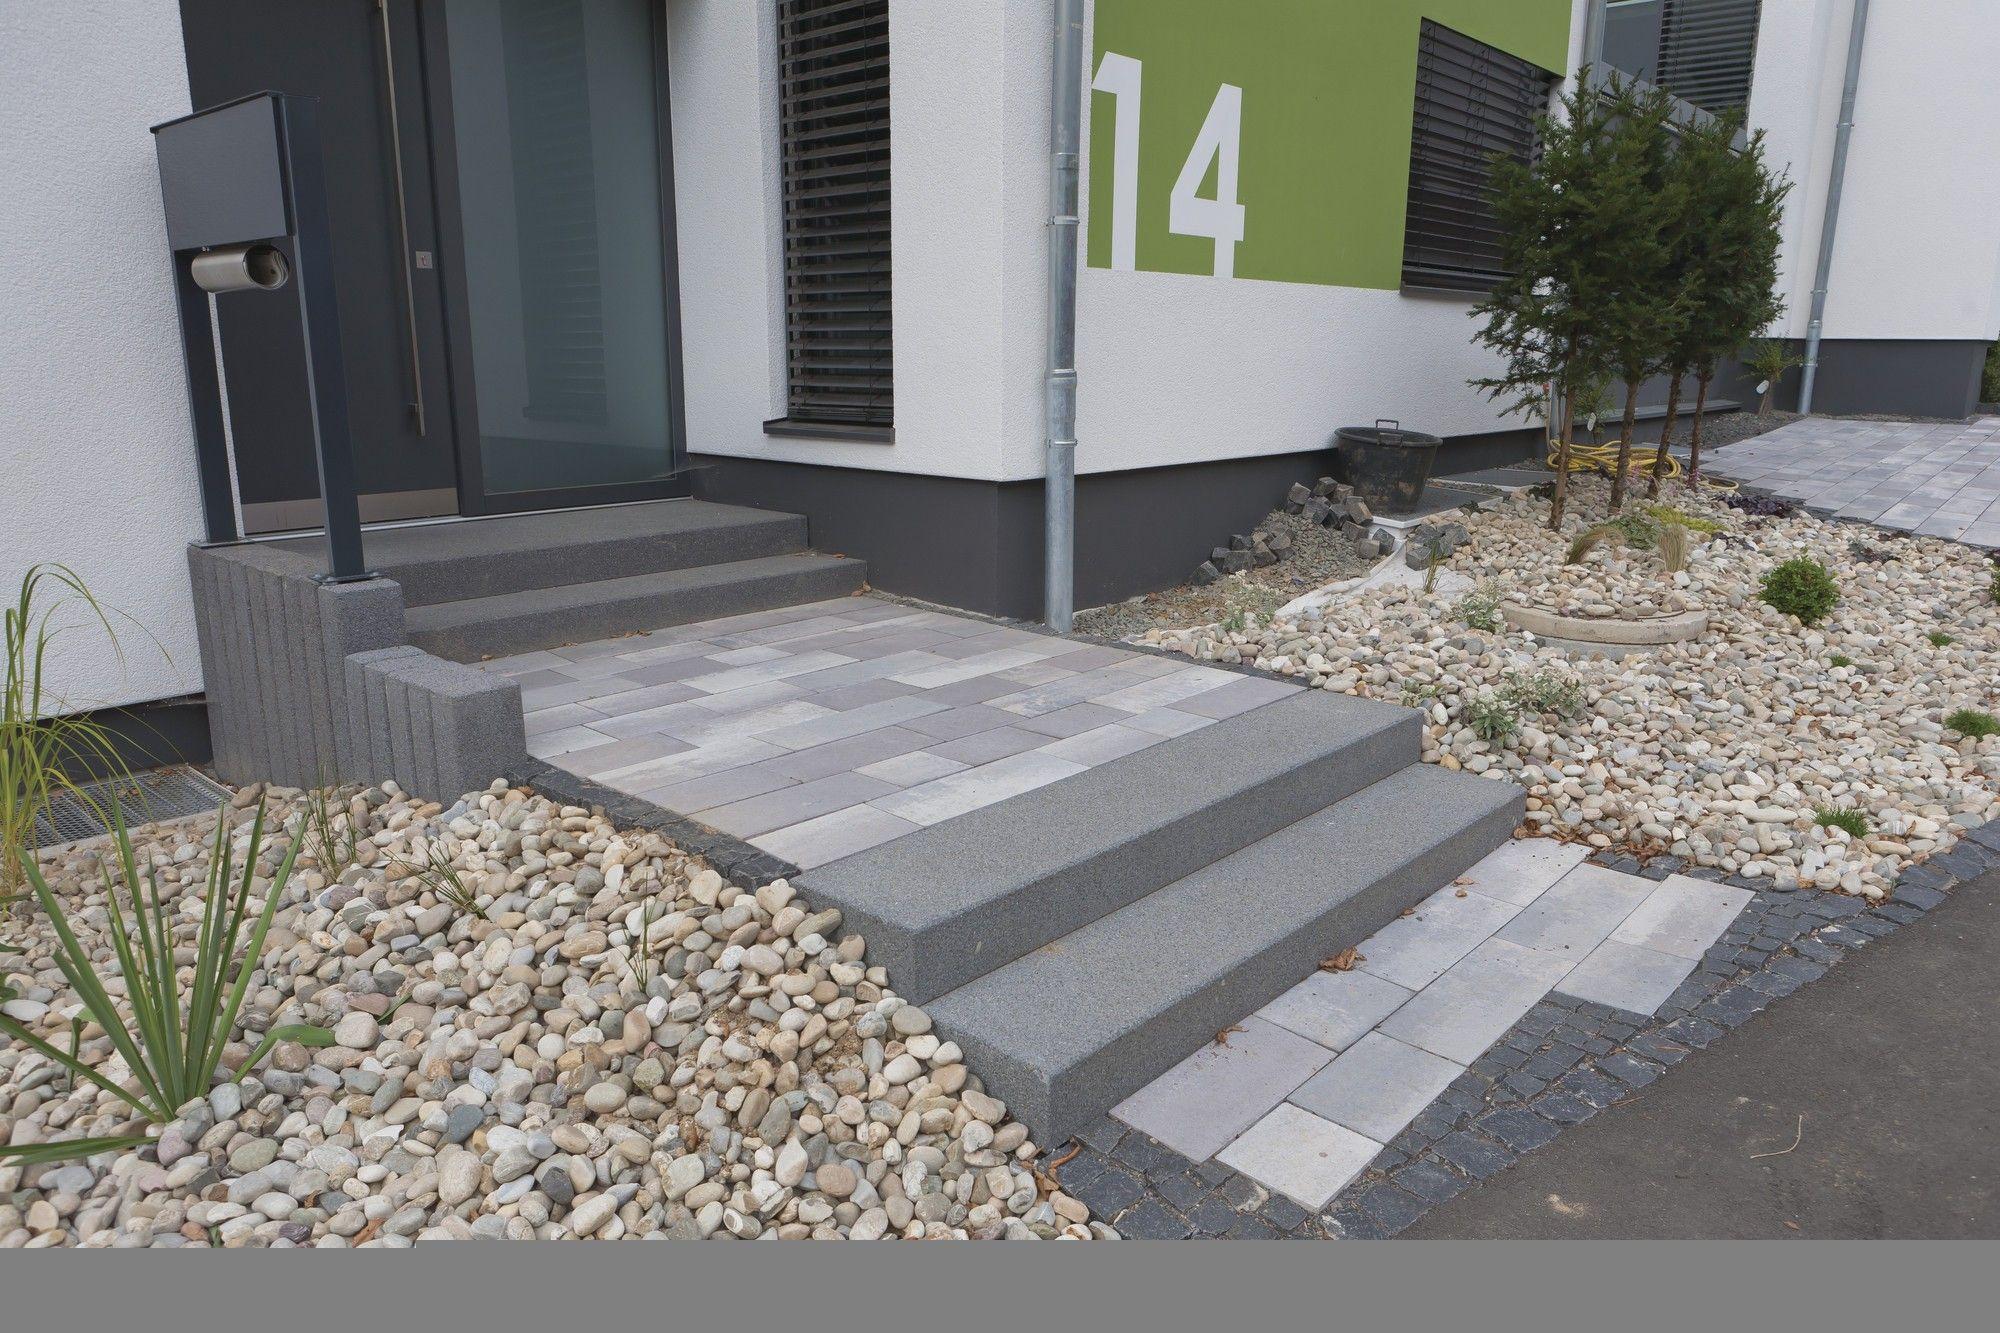 blockstufen beton flashsms. Black Bedroom Furniture Sets. Home Design Ideas